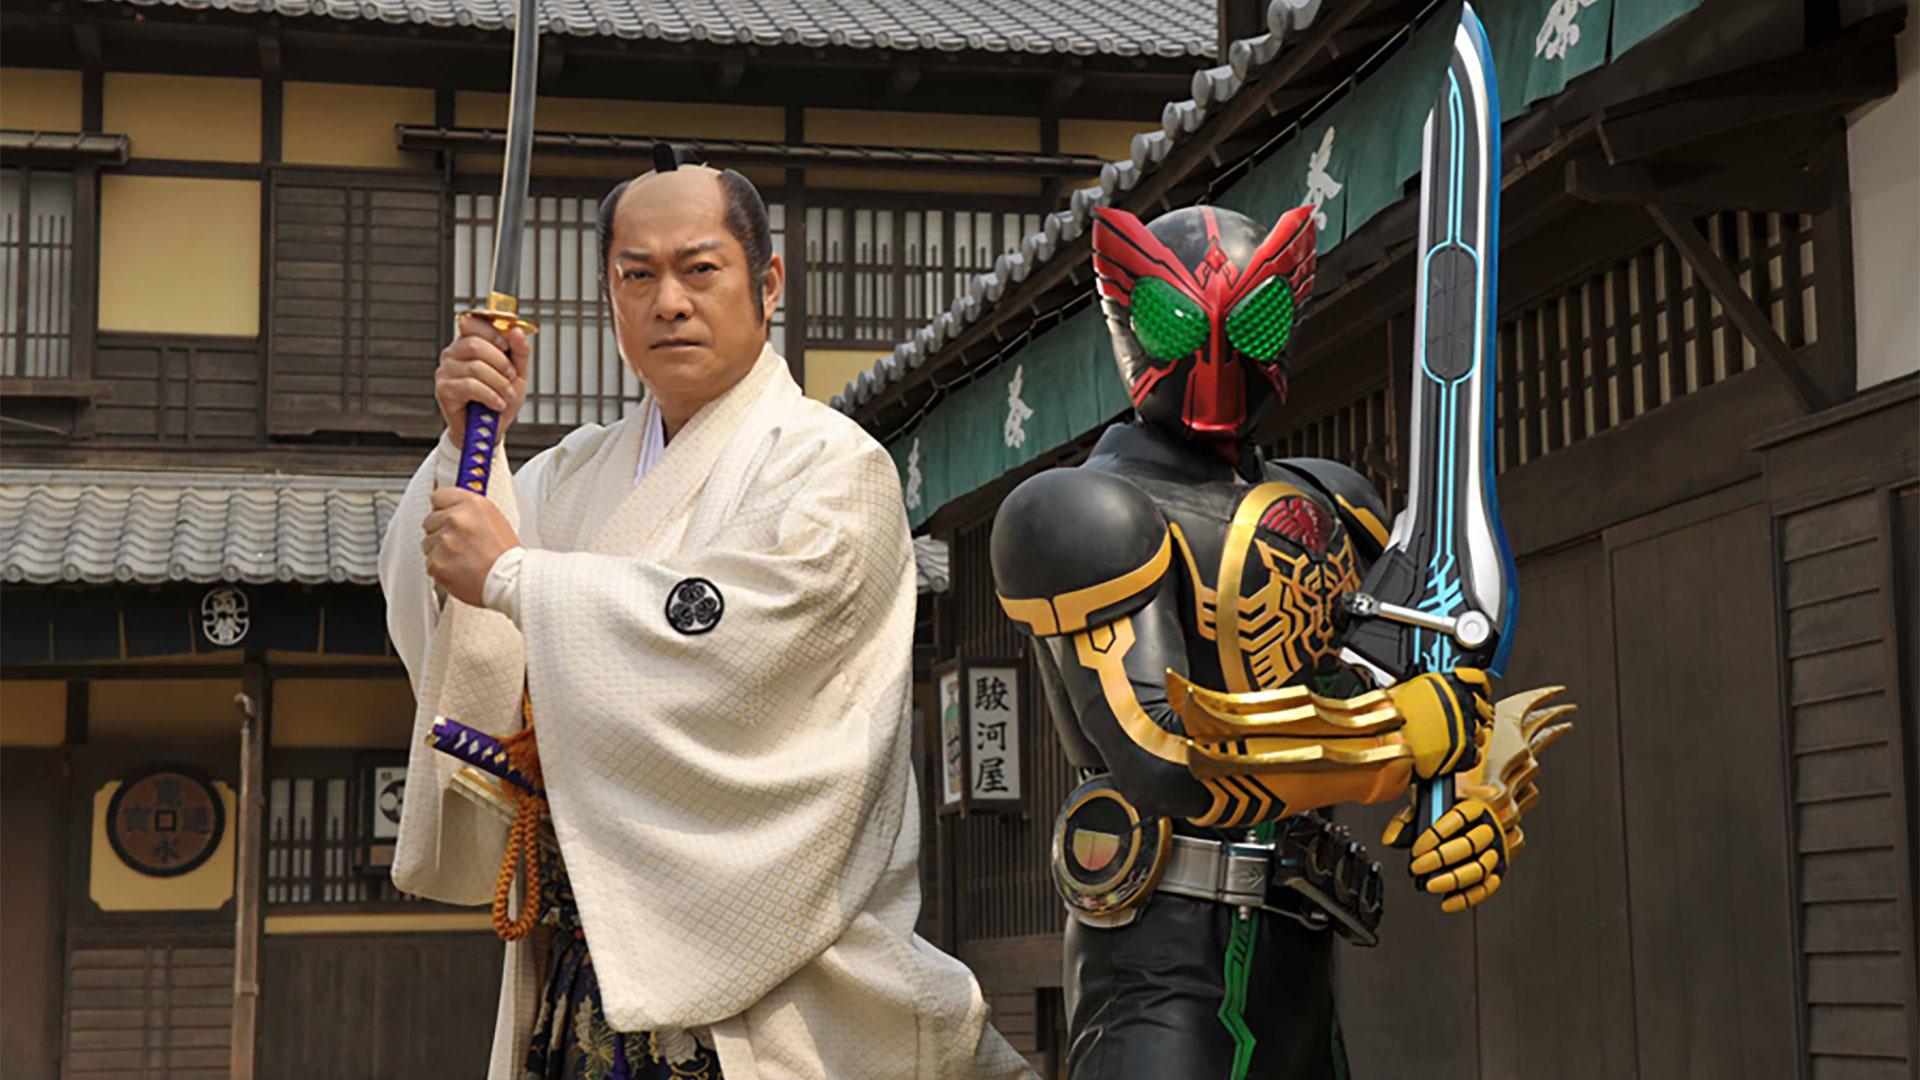 劇場版 仮面ライダーオーズ WONDERFUL 将軍と21のコアメダル